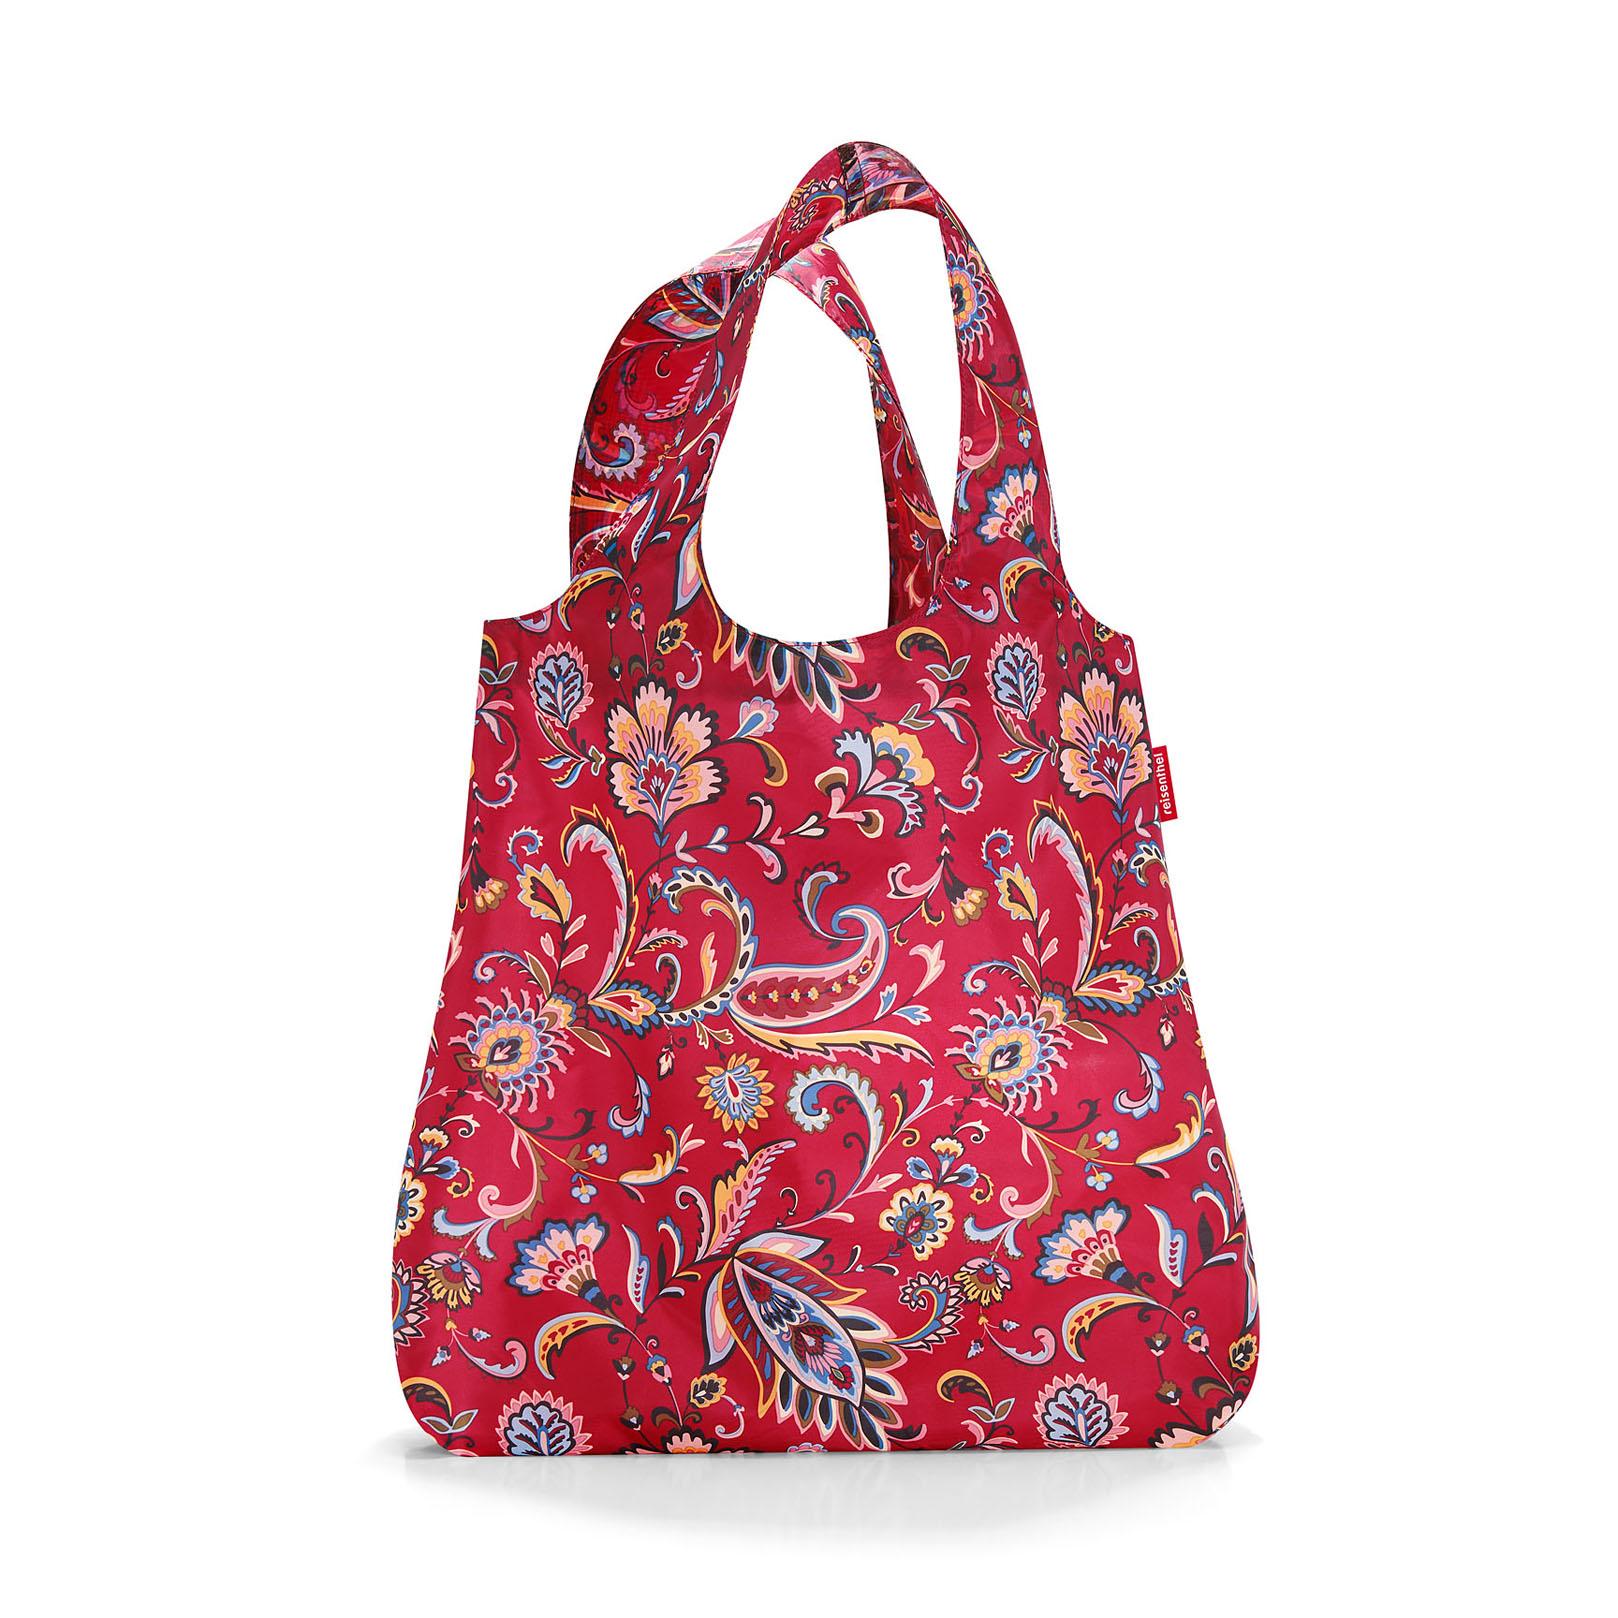 reisenthel mini maxi shopper einkaufsbeutel einkaufstasche tasche red AT3004